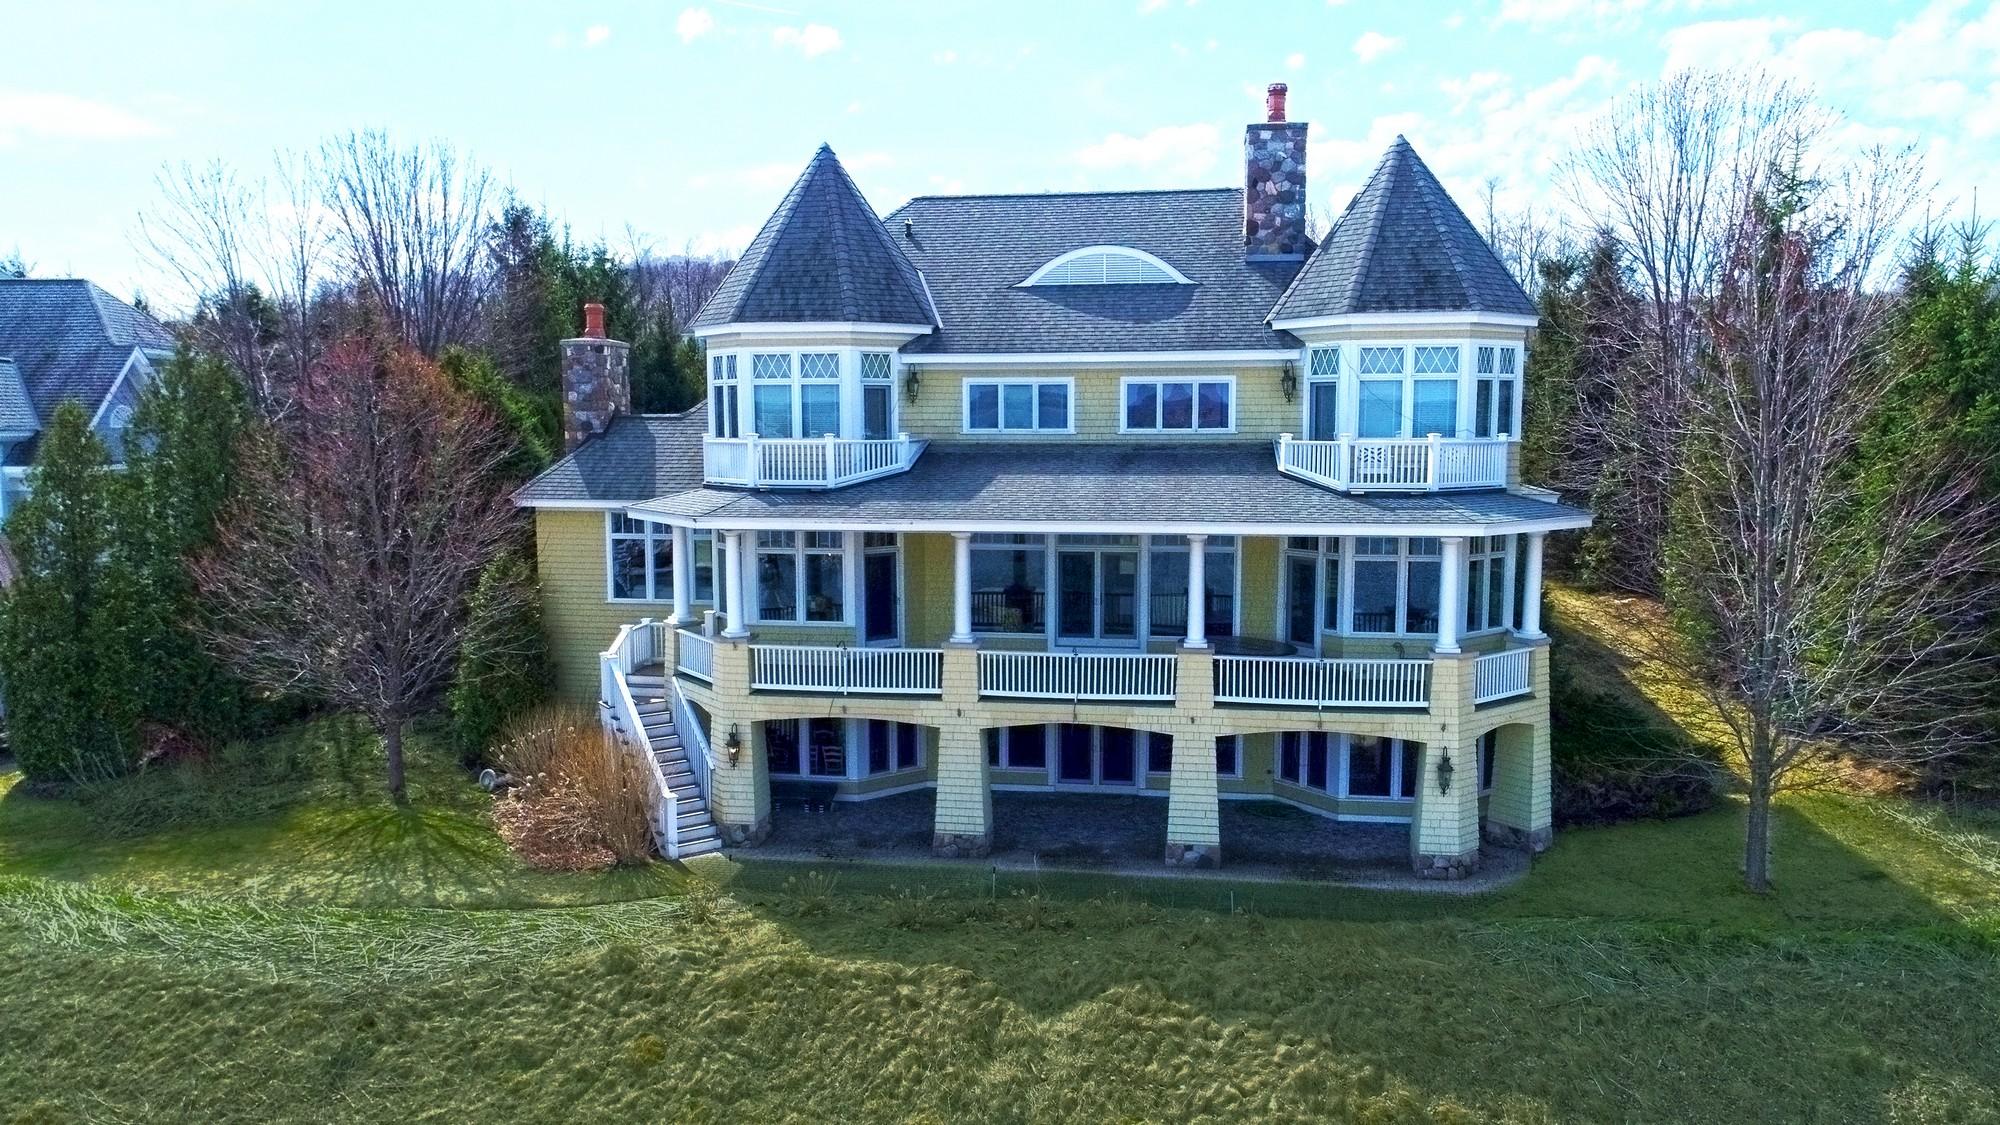 Maison unifamiliale pour l Vente à Shores II, unit 1 4480 Vista Drive Bay Harbor, Michigan, 49770 États-Unis